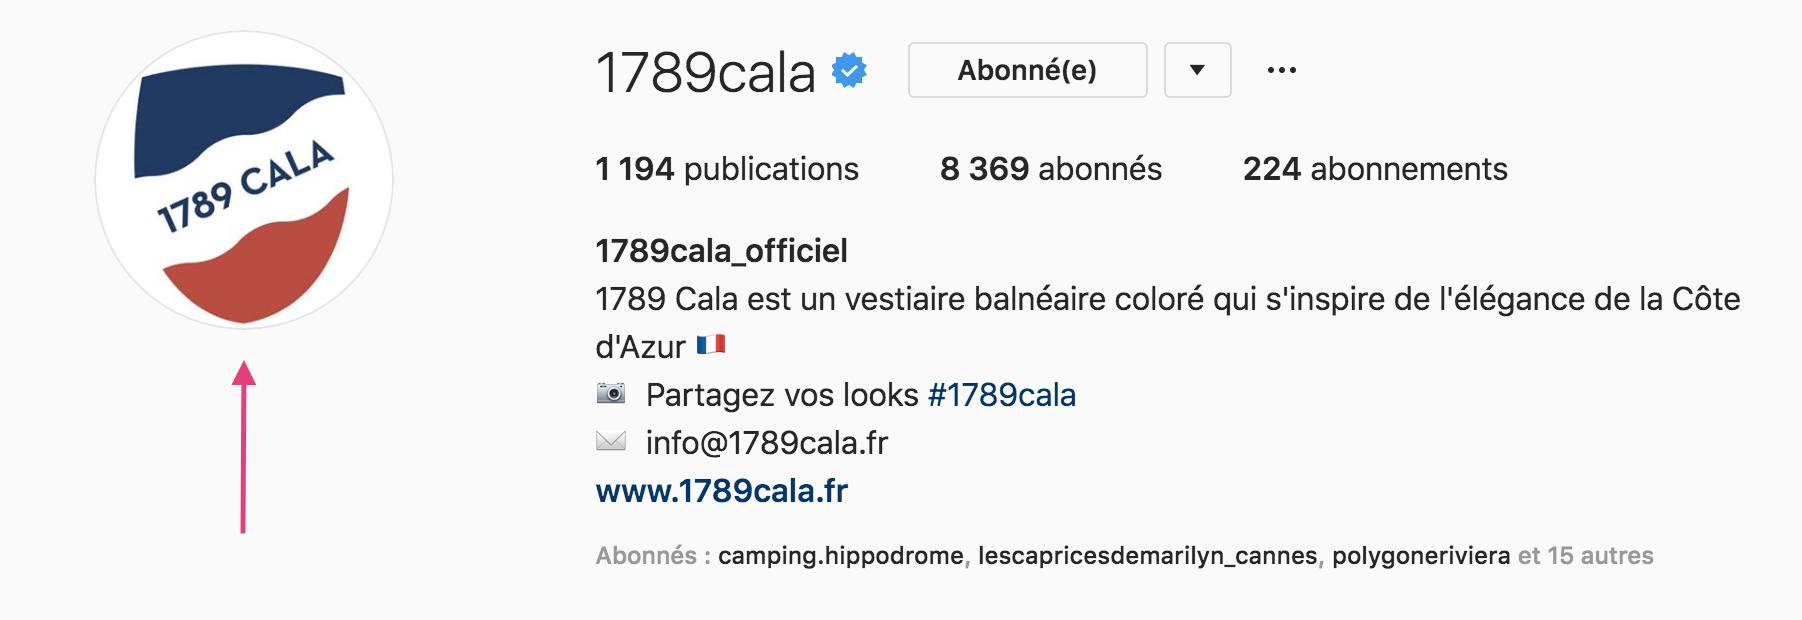 bio-instagram-1789-cala